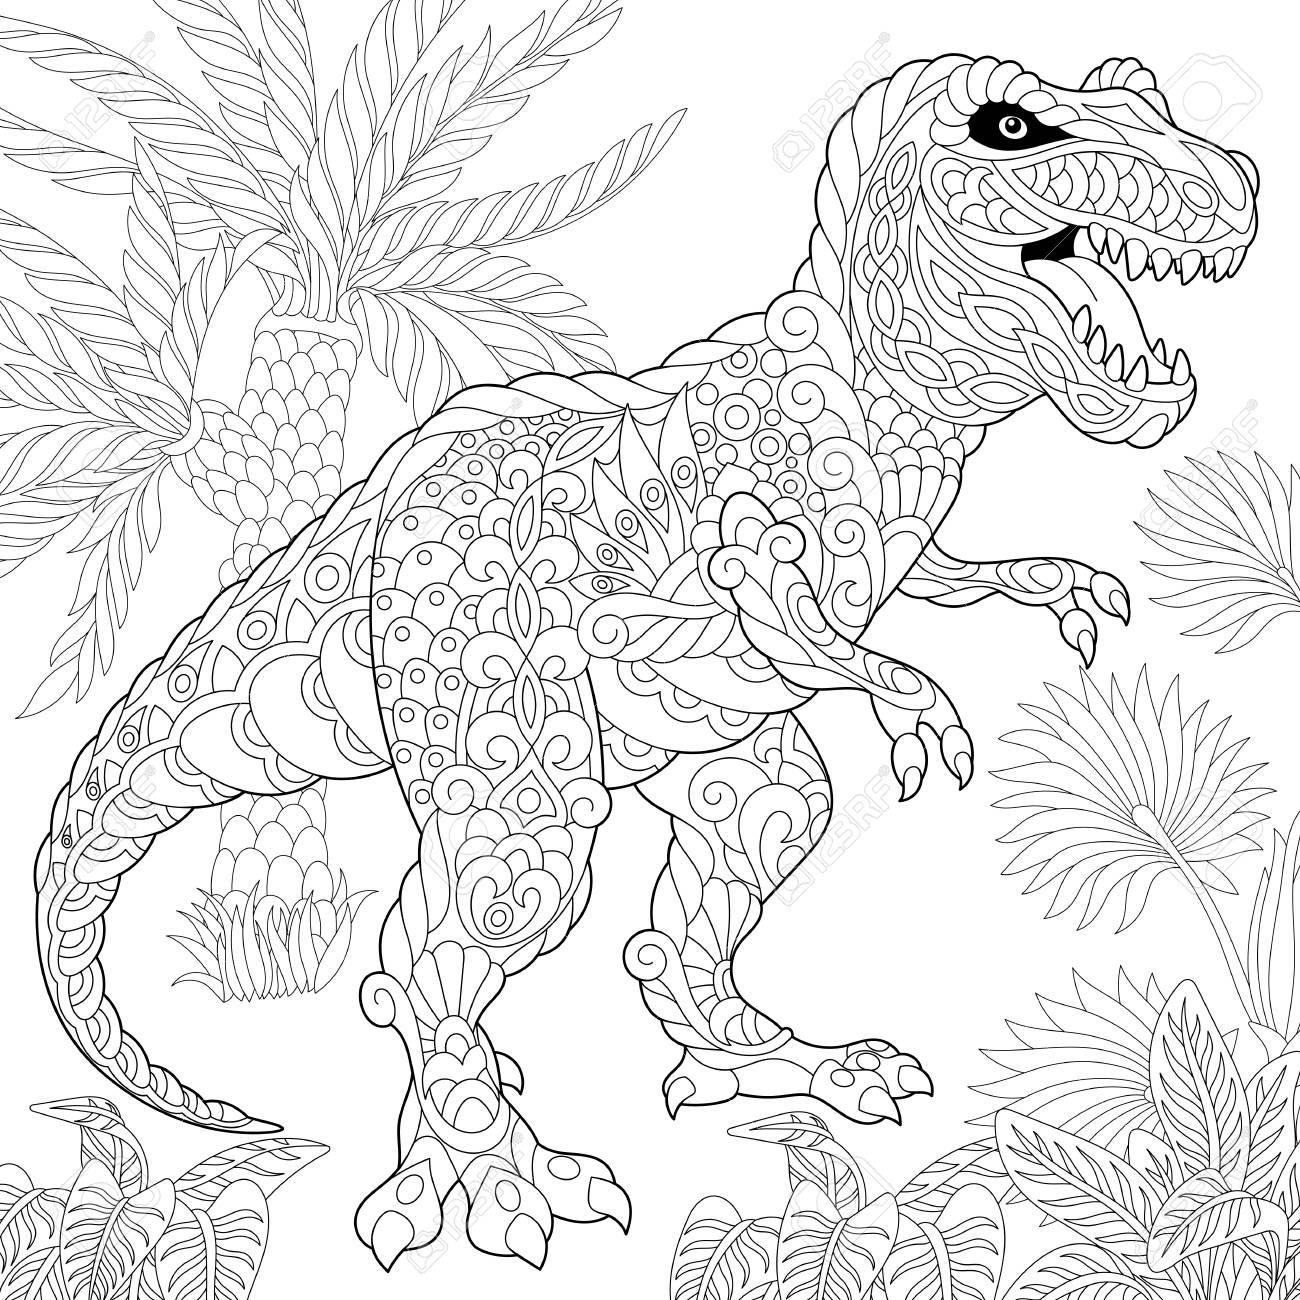 Dinosaurio Estilizado Del Tyrannosaurus T Rex Del Período Cretáceo Posterior Boceto A Mano Alzada Para Adultos Contra El Estrés Página Del Libro